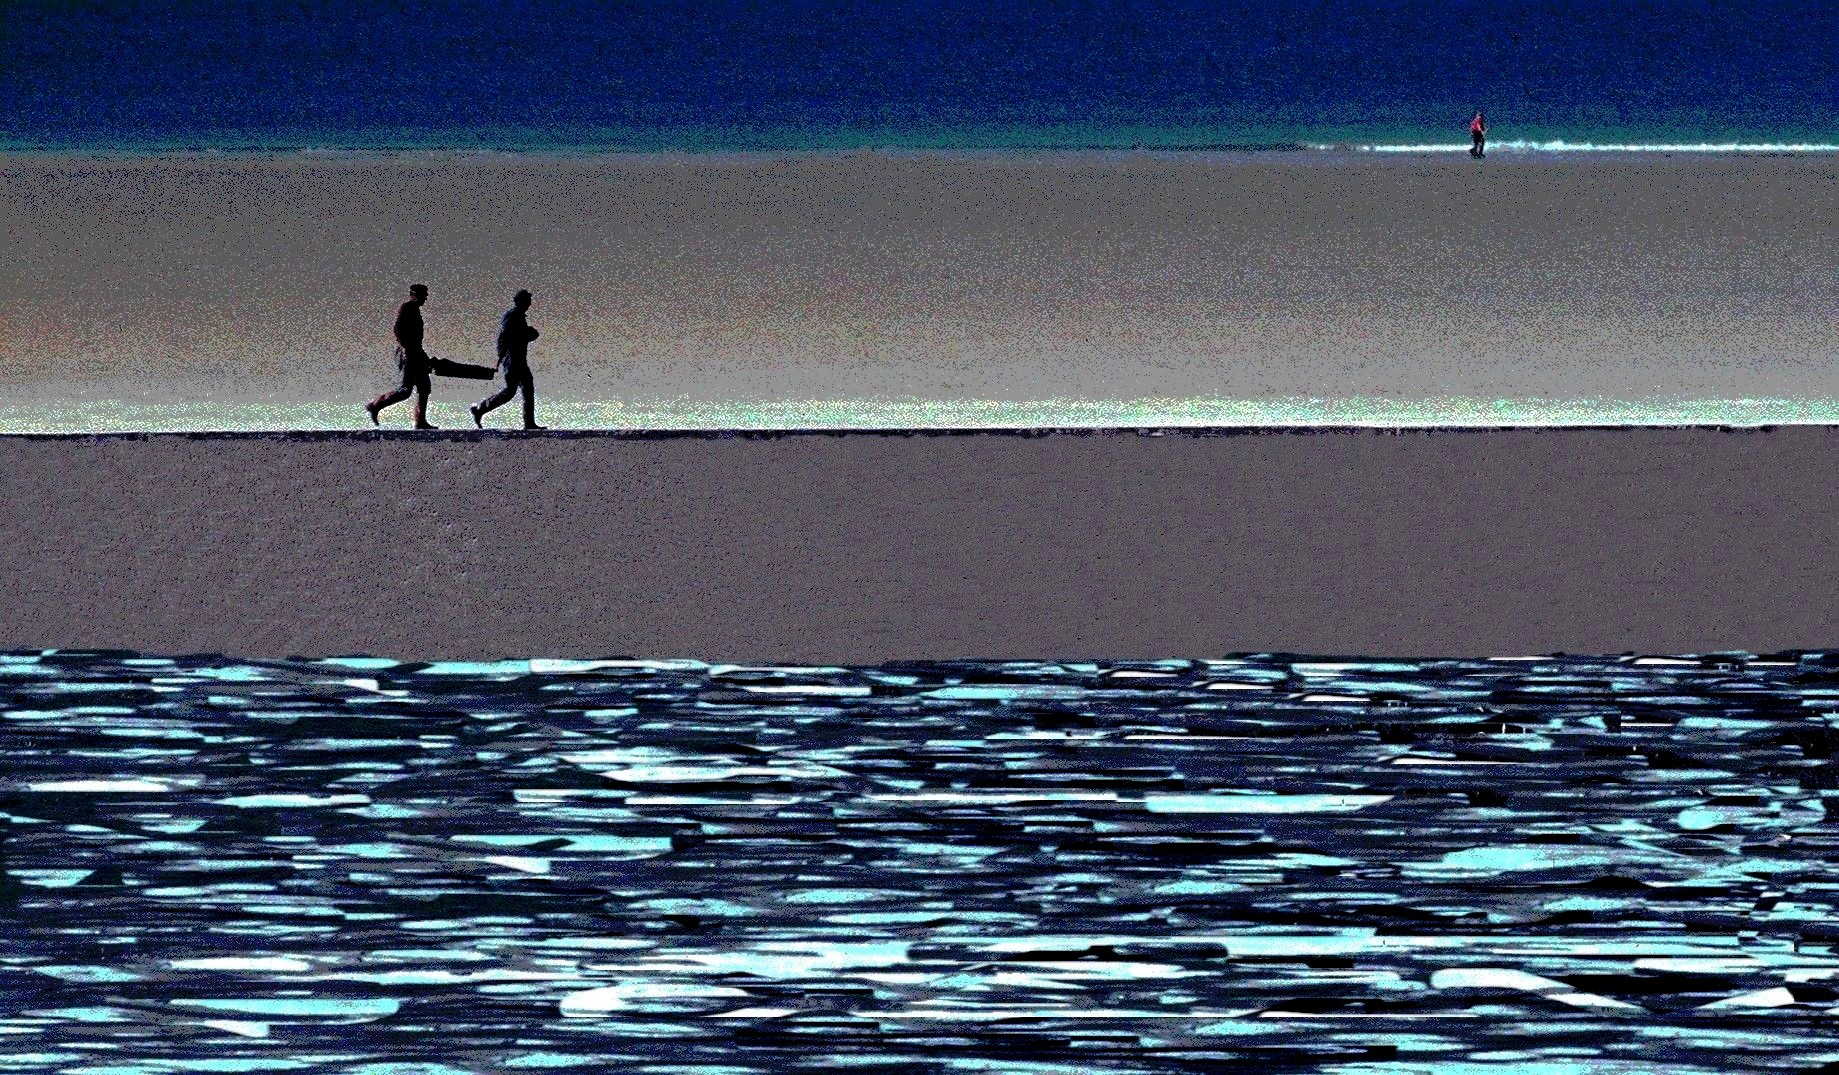 Deux silhouettes et la mer